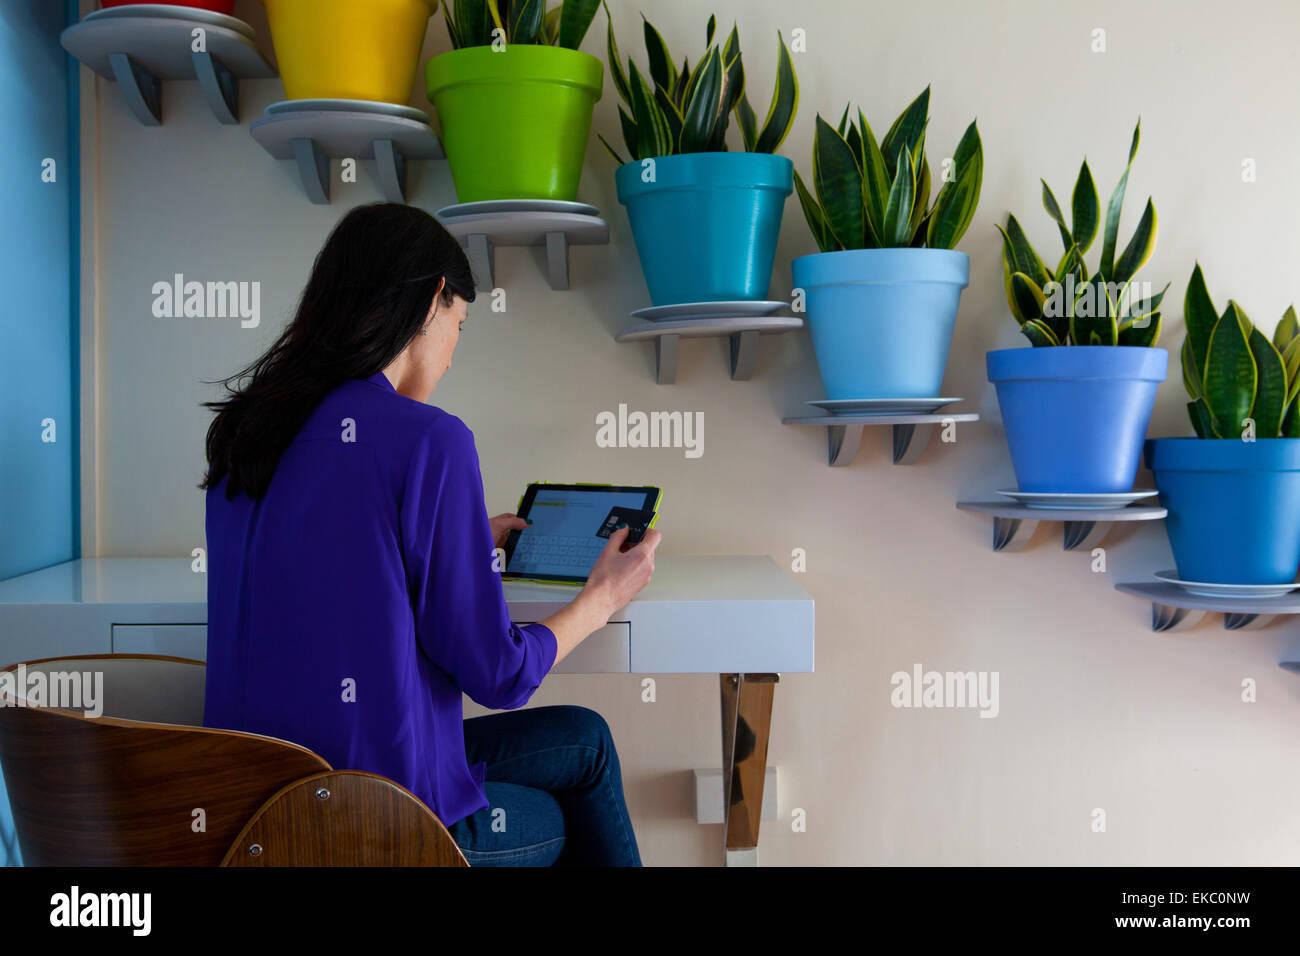 Frau, die die Zahlung auf digital-Tablette vor diagonalen Reihe von Topfpflanzen Stockbild